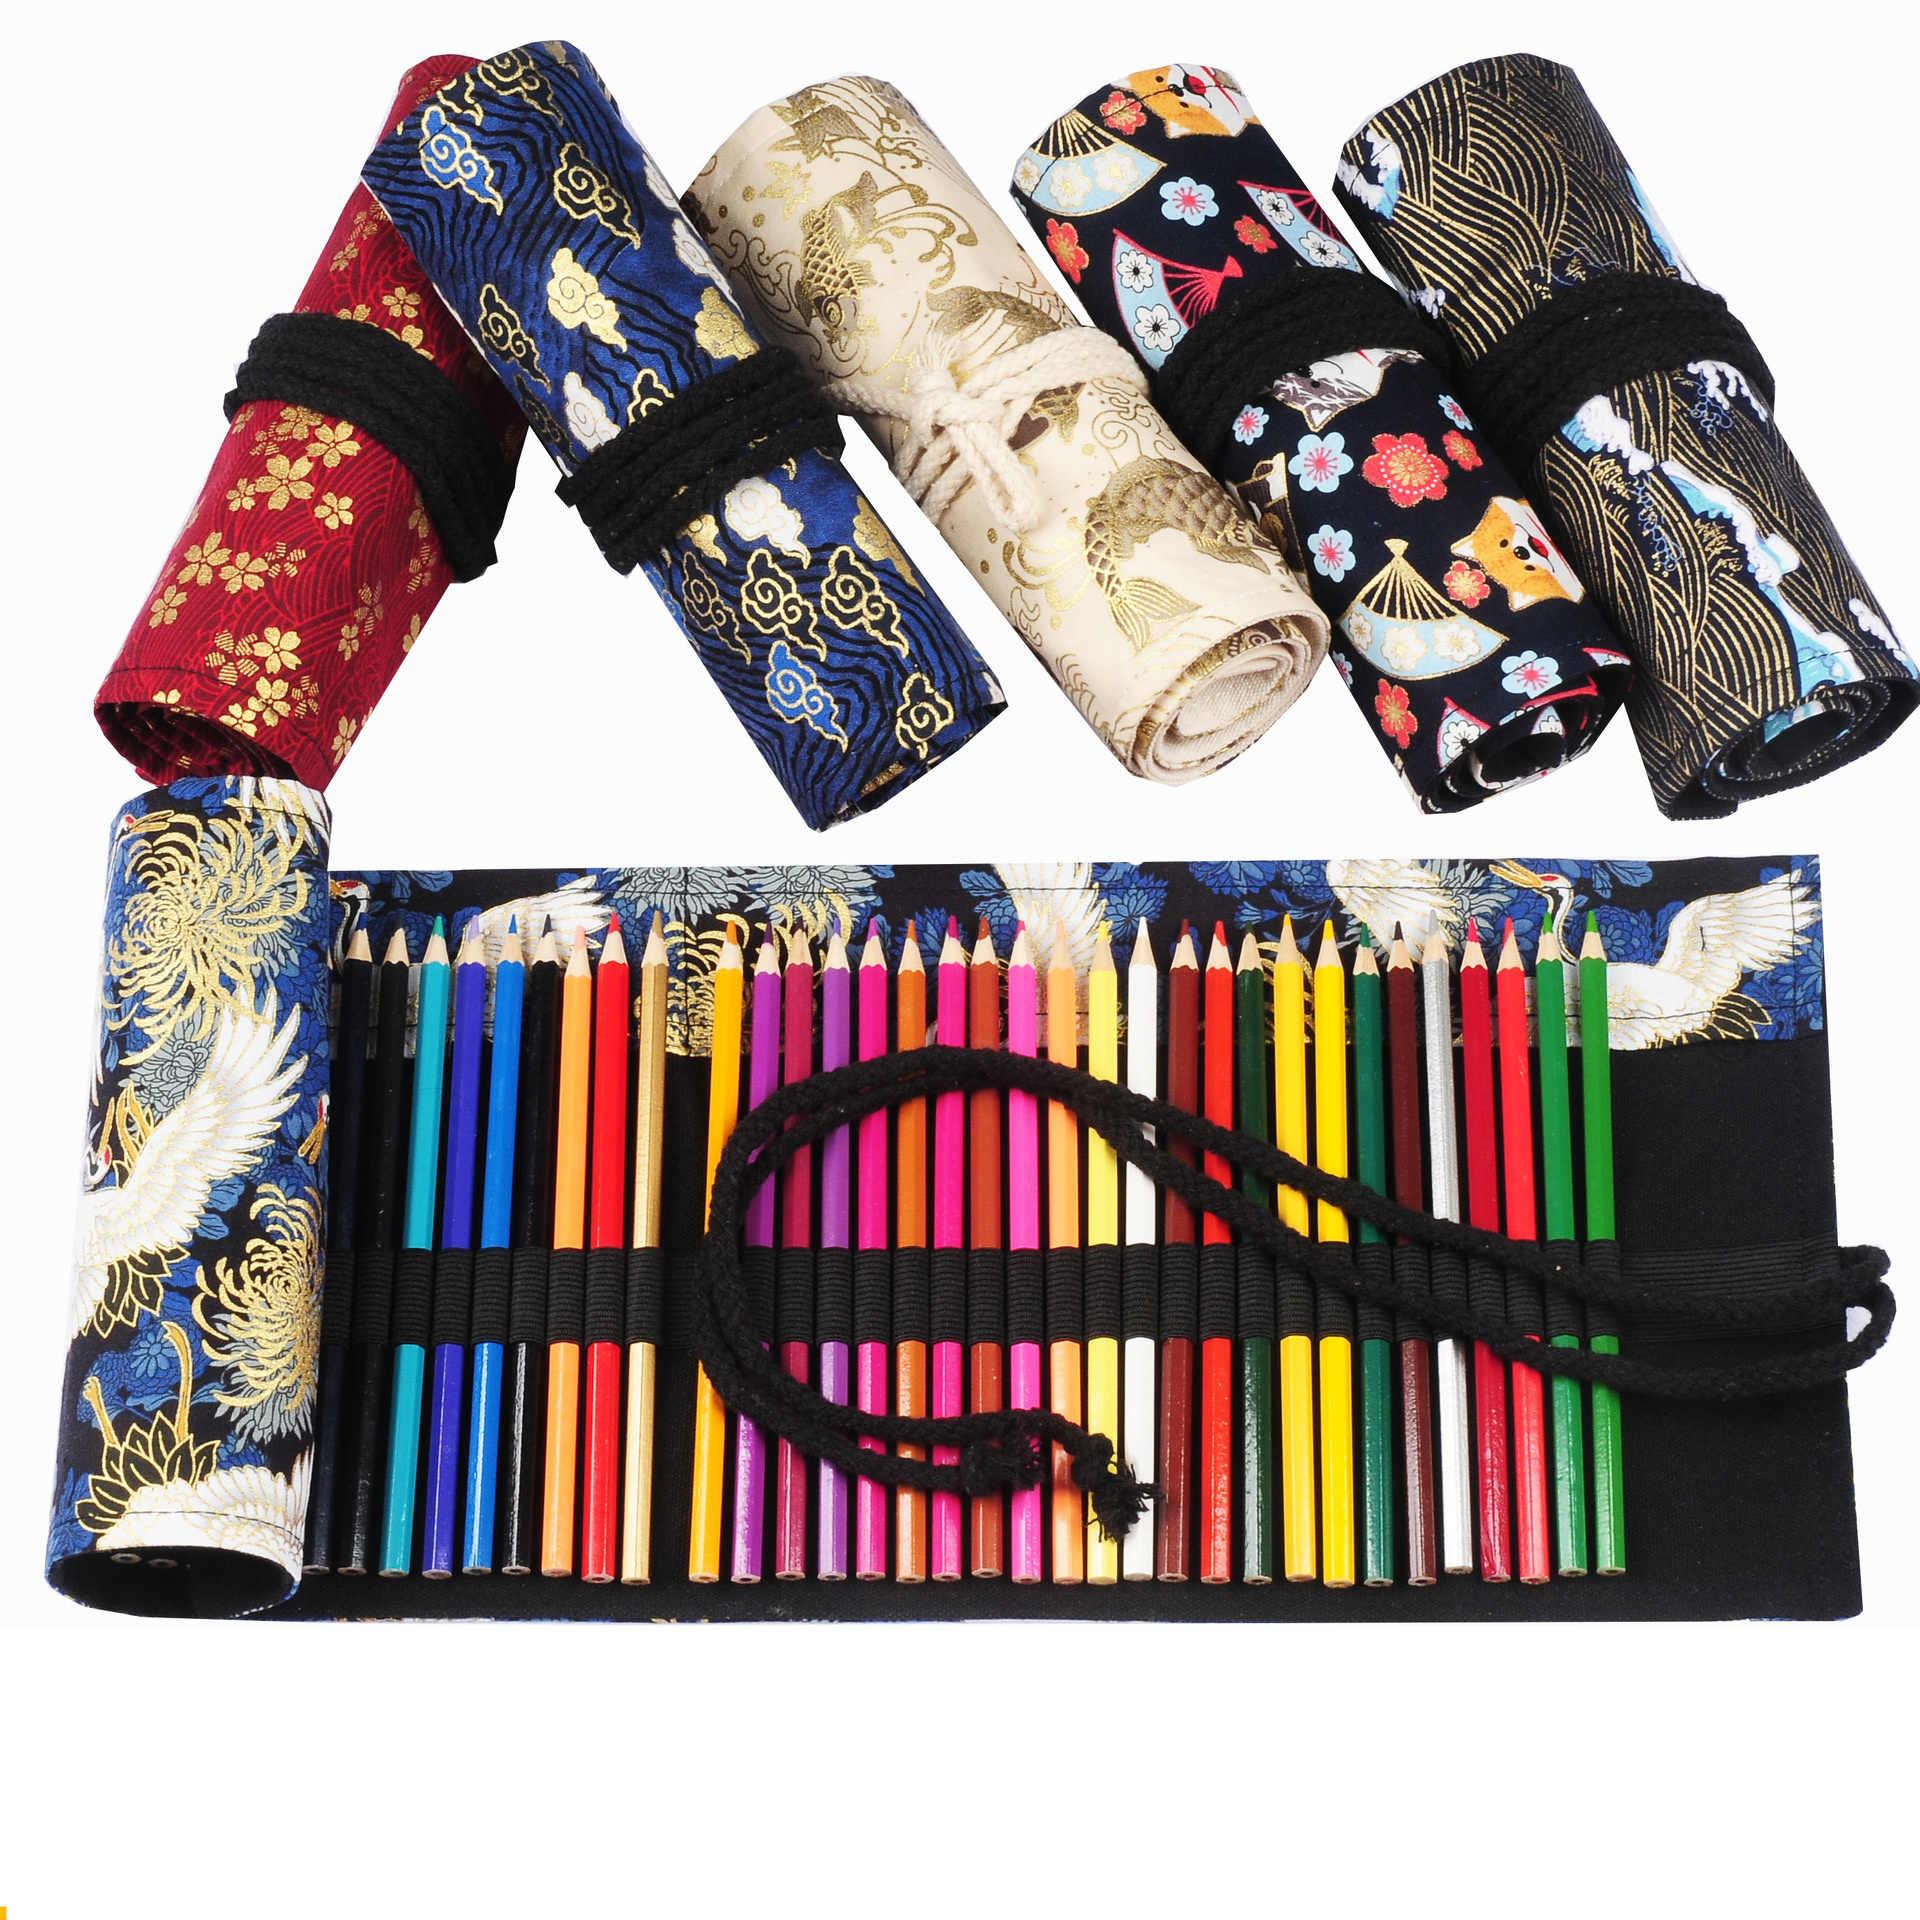 48 หลุม Kawaii แปรงแต่งหน้าโรงเรียน ROLL ดินสอปากกากระเป๋าสำหรับหญิงสไตล์จีนอุปกรณ์สำนักงานเครื่องเขียน